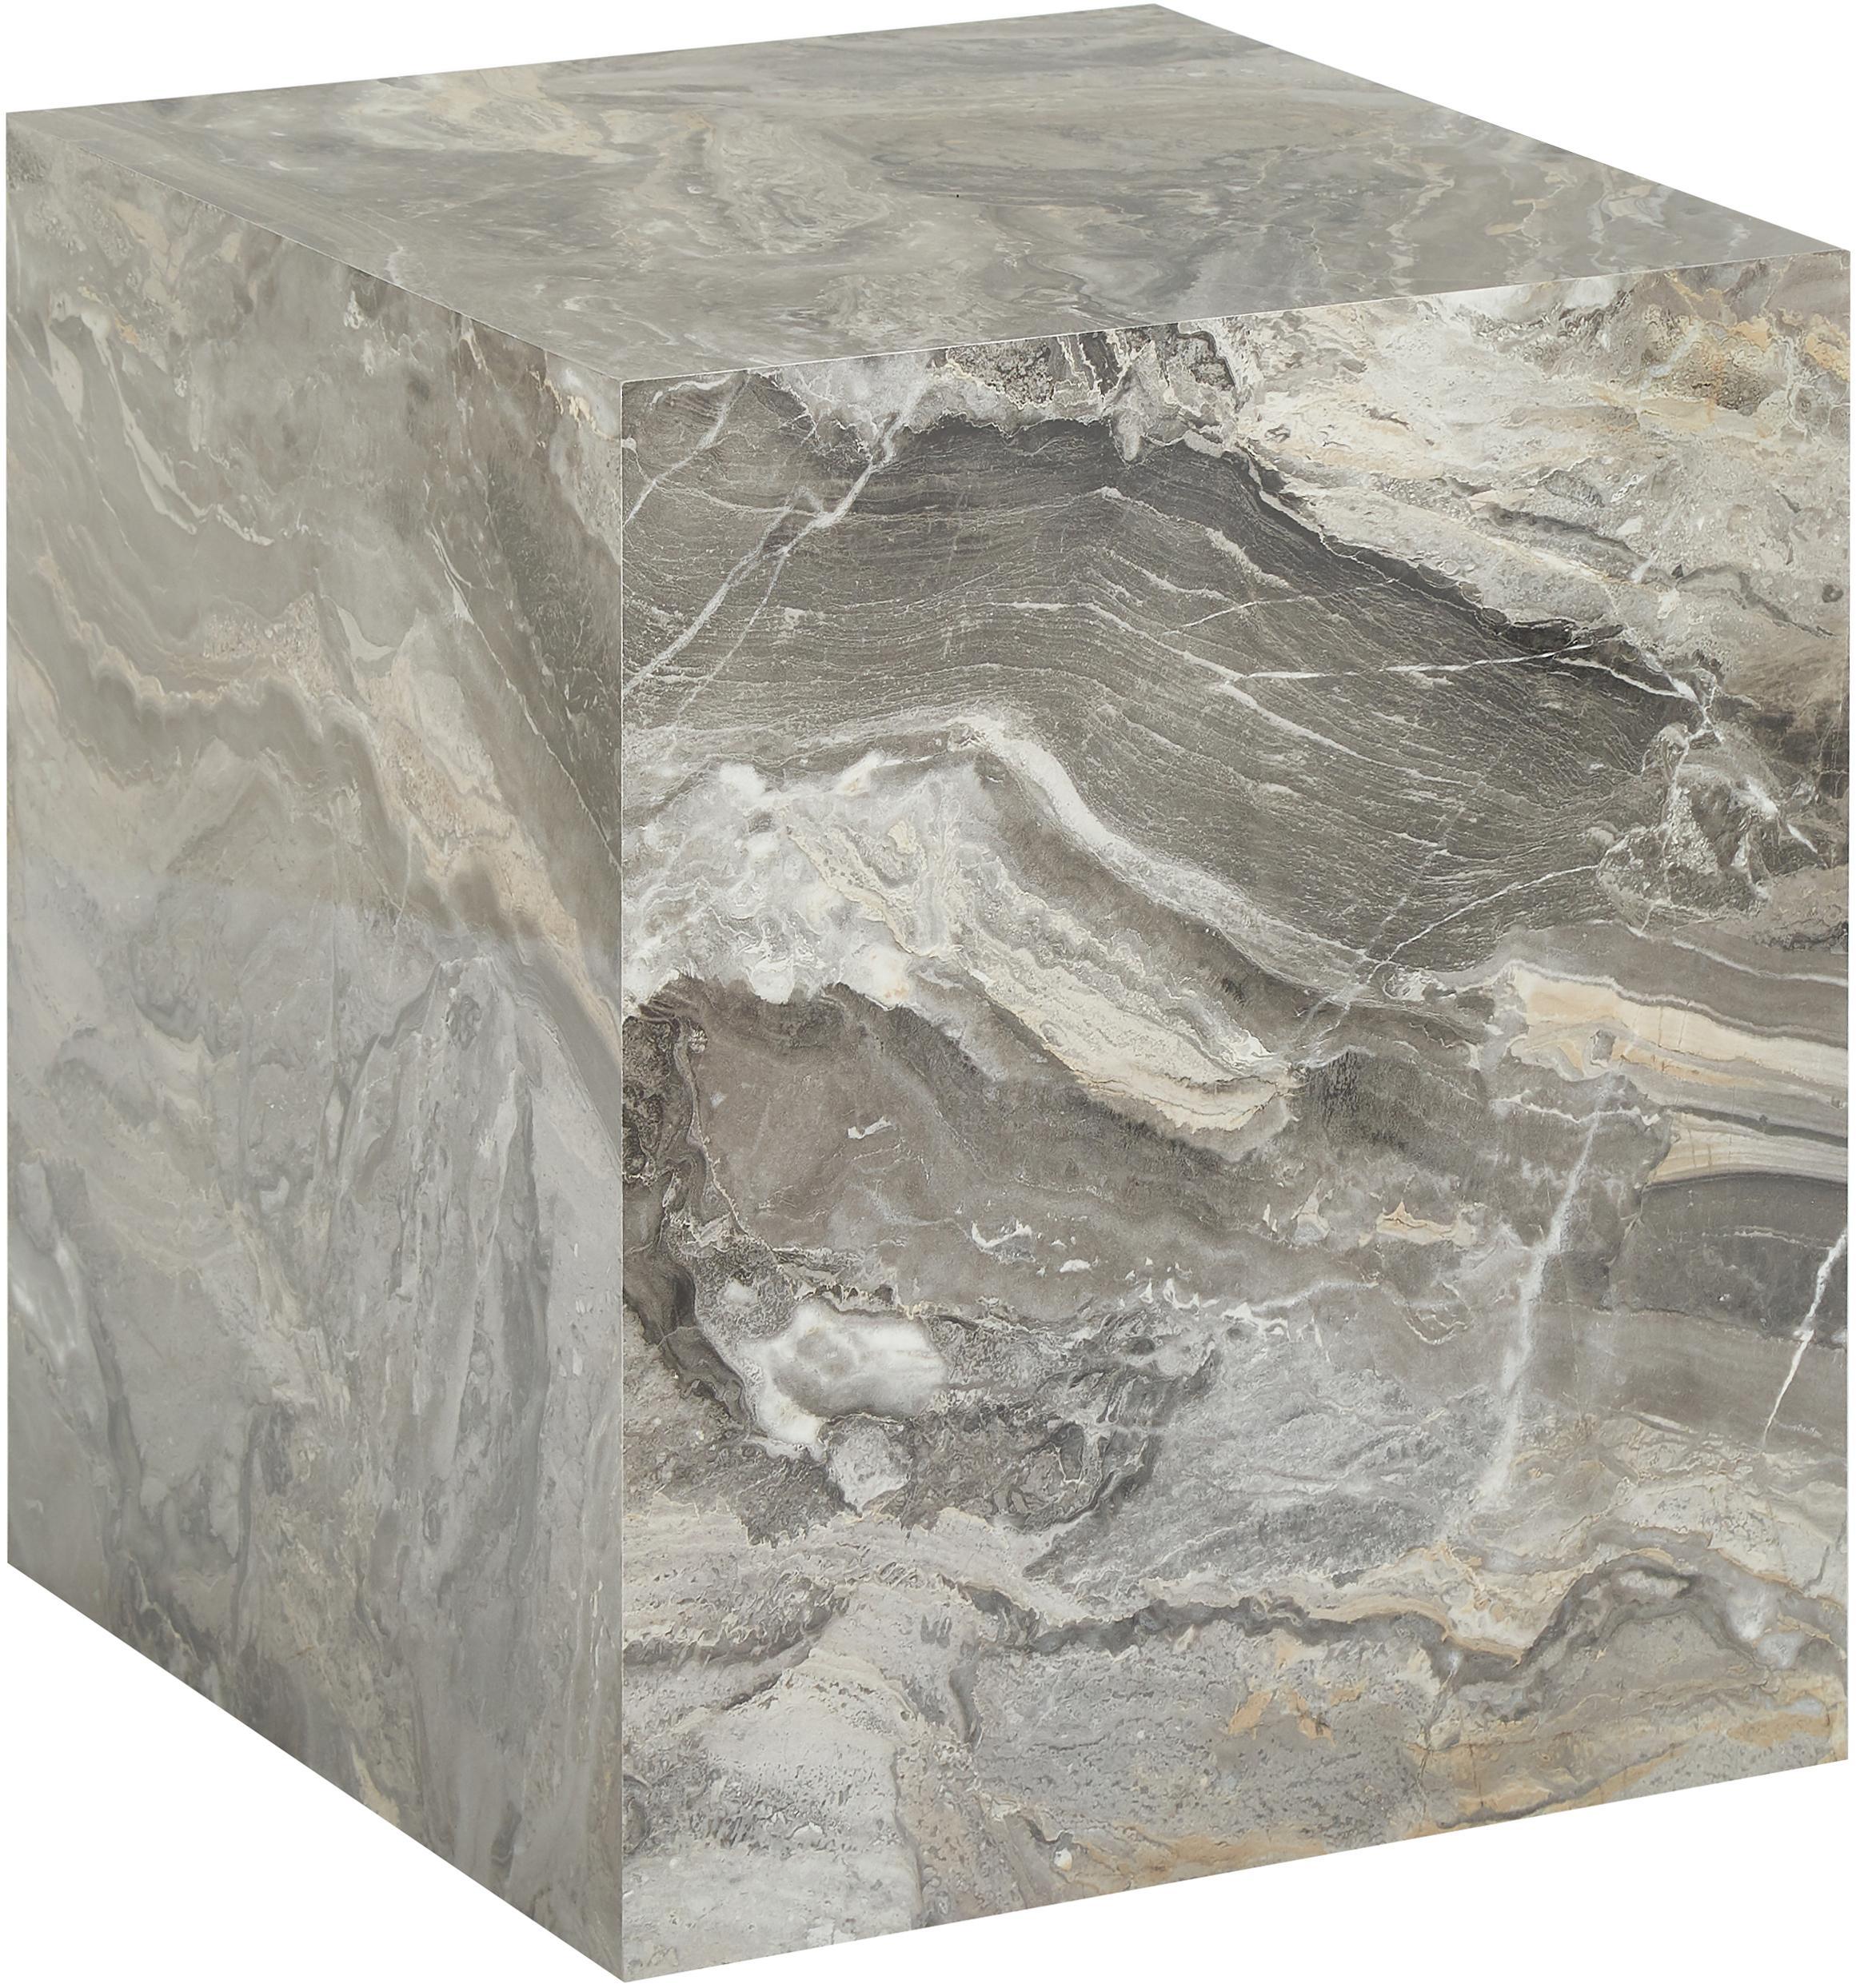 Stolik pomocniczy z imitacji marmuru Lesley, Płyta pilśniowa średniej gęstości (MDF) pokryta folią melaminową, Szary, marmurowy, S 45 x W 50 cm